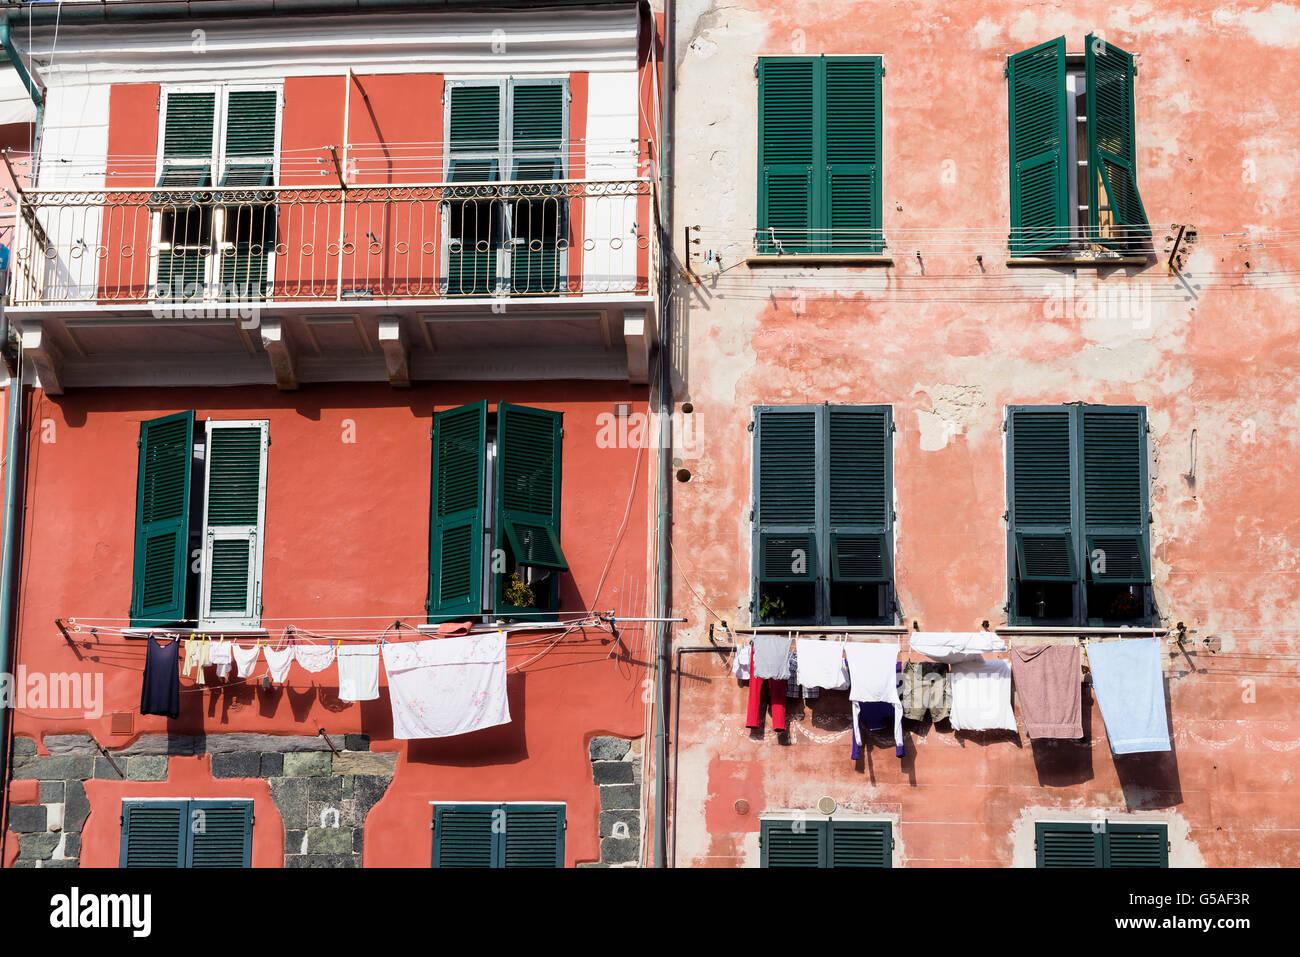 Vernazza ist eine Stadt in der Provinz von La Spezia, Ligurien, Italien. Es ist eines der fünf Dörfer, aus denen Stockfoto